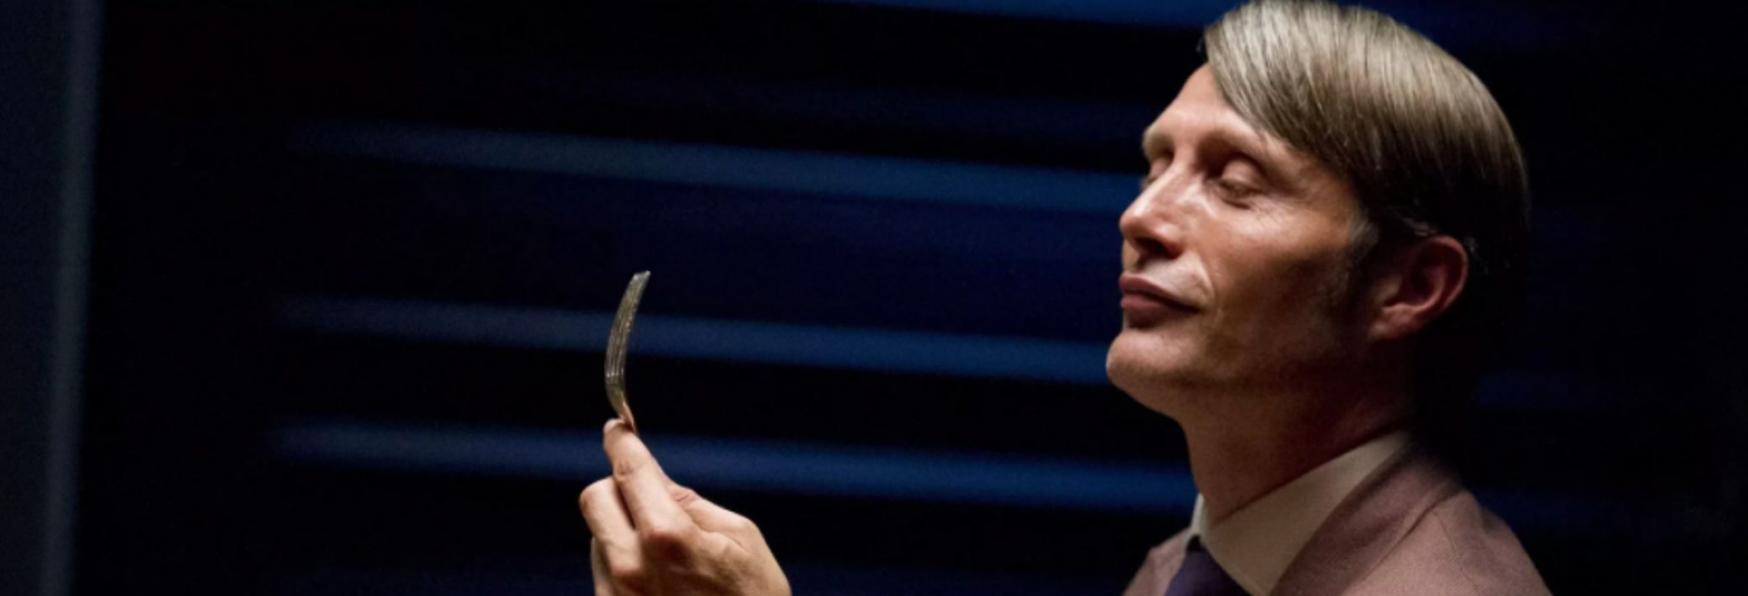 Hannibal 4: l'Autore della Serie TV pensa ci sarà una nuova Stagione